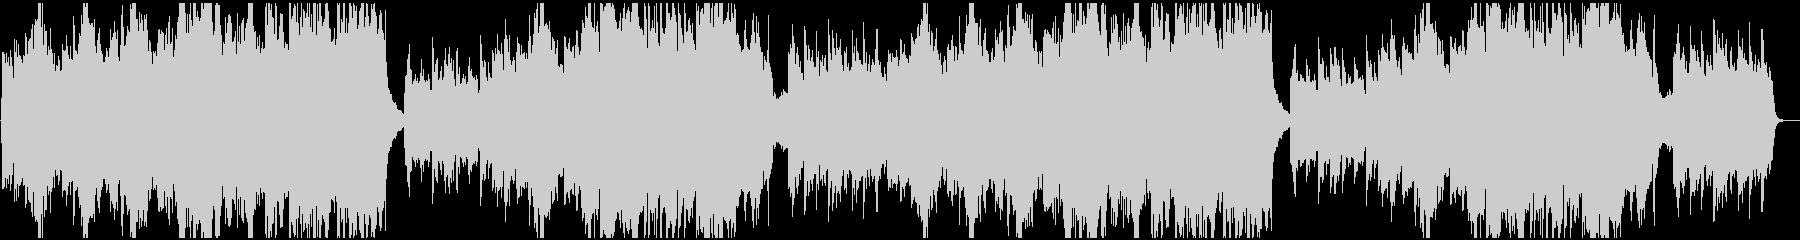 ダーク&クラシカルの未再生の波形